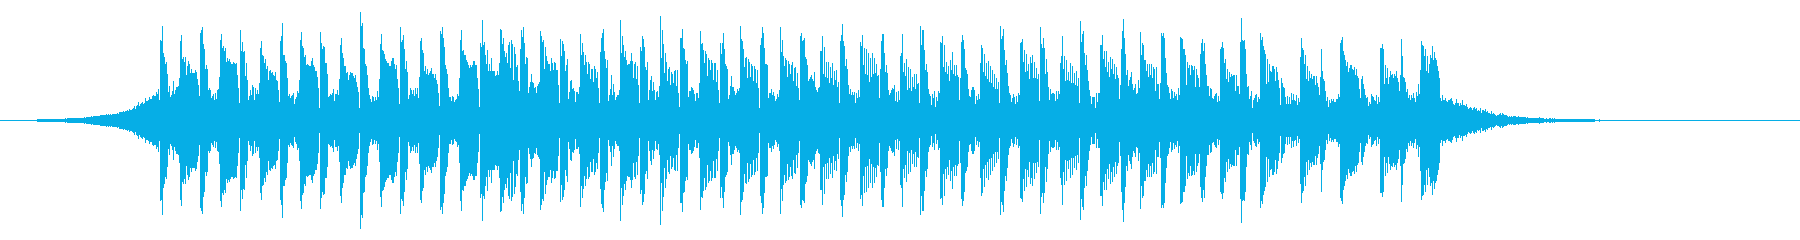 健康テクノロジー(24秒)の再生済みの波形